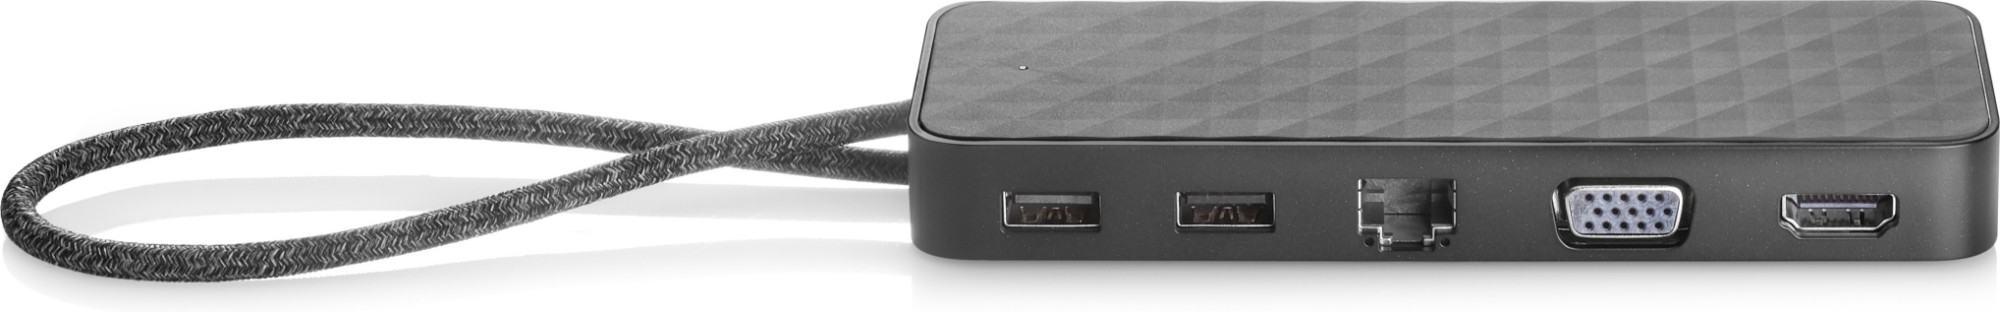 Docking Station USB-C Mini - 4K / VGA